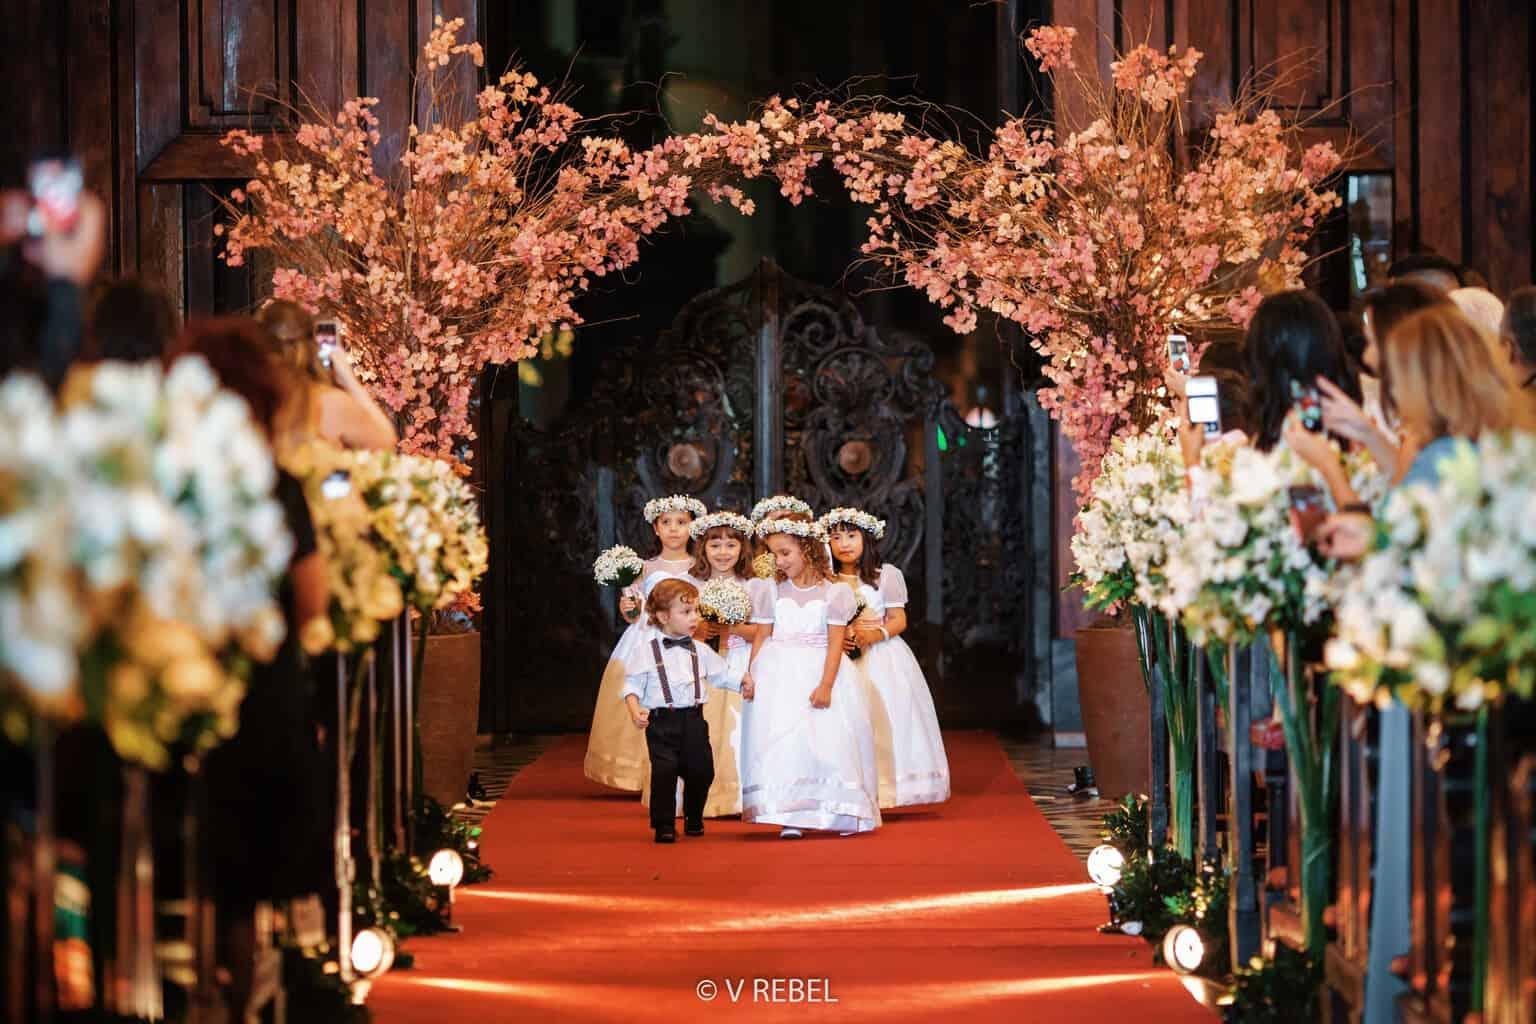 casamento-Caroline-e-Breno-casamento-clássico-cerimonia-na-igreja-daminhas-e-pajens-fotografia-VRebel32